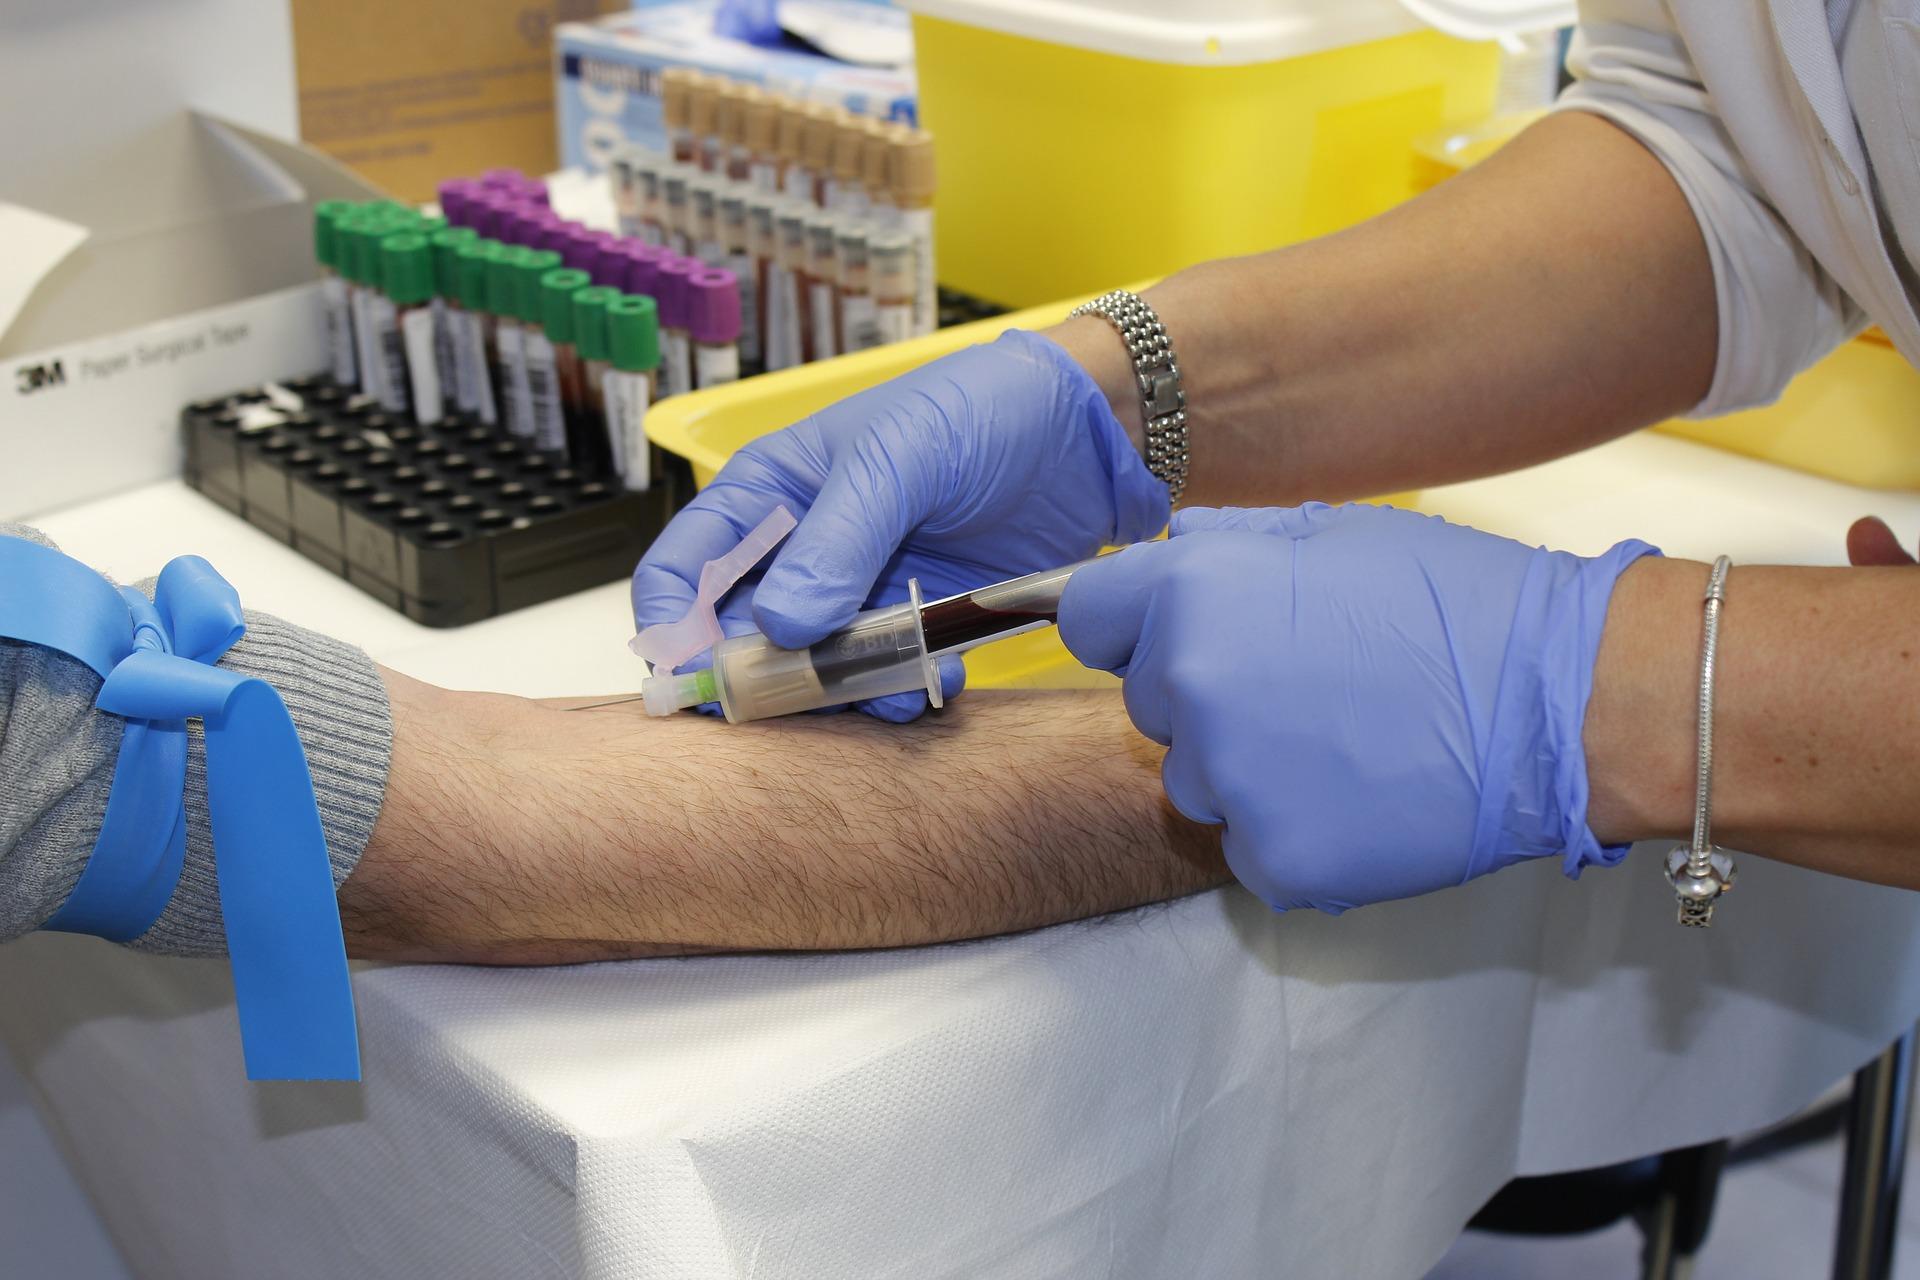 Cáncer hematológico aumentará 27% en los próximos 20 años